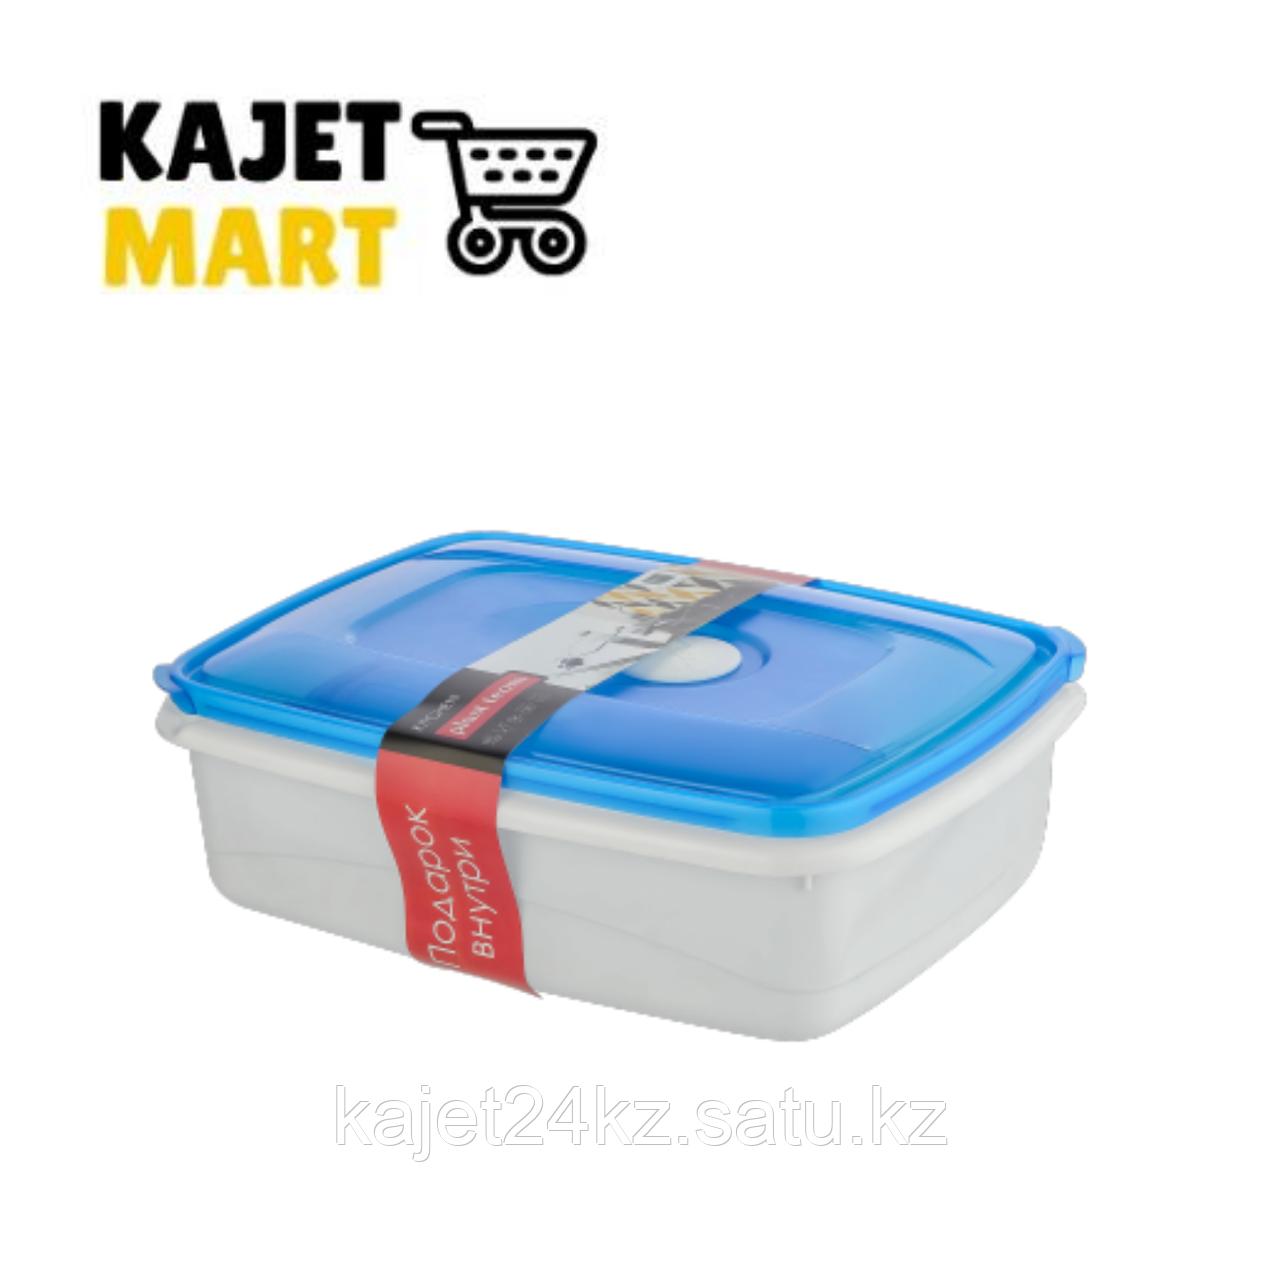 Емкость для СВЧ MICRO TOP BOX прямоугольная 1,3л +  0,3л голубой-прозрачный